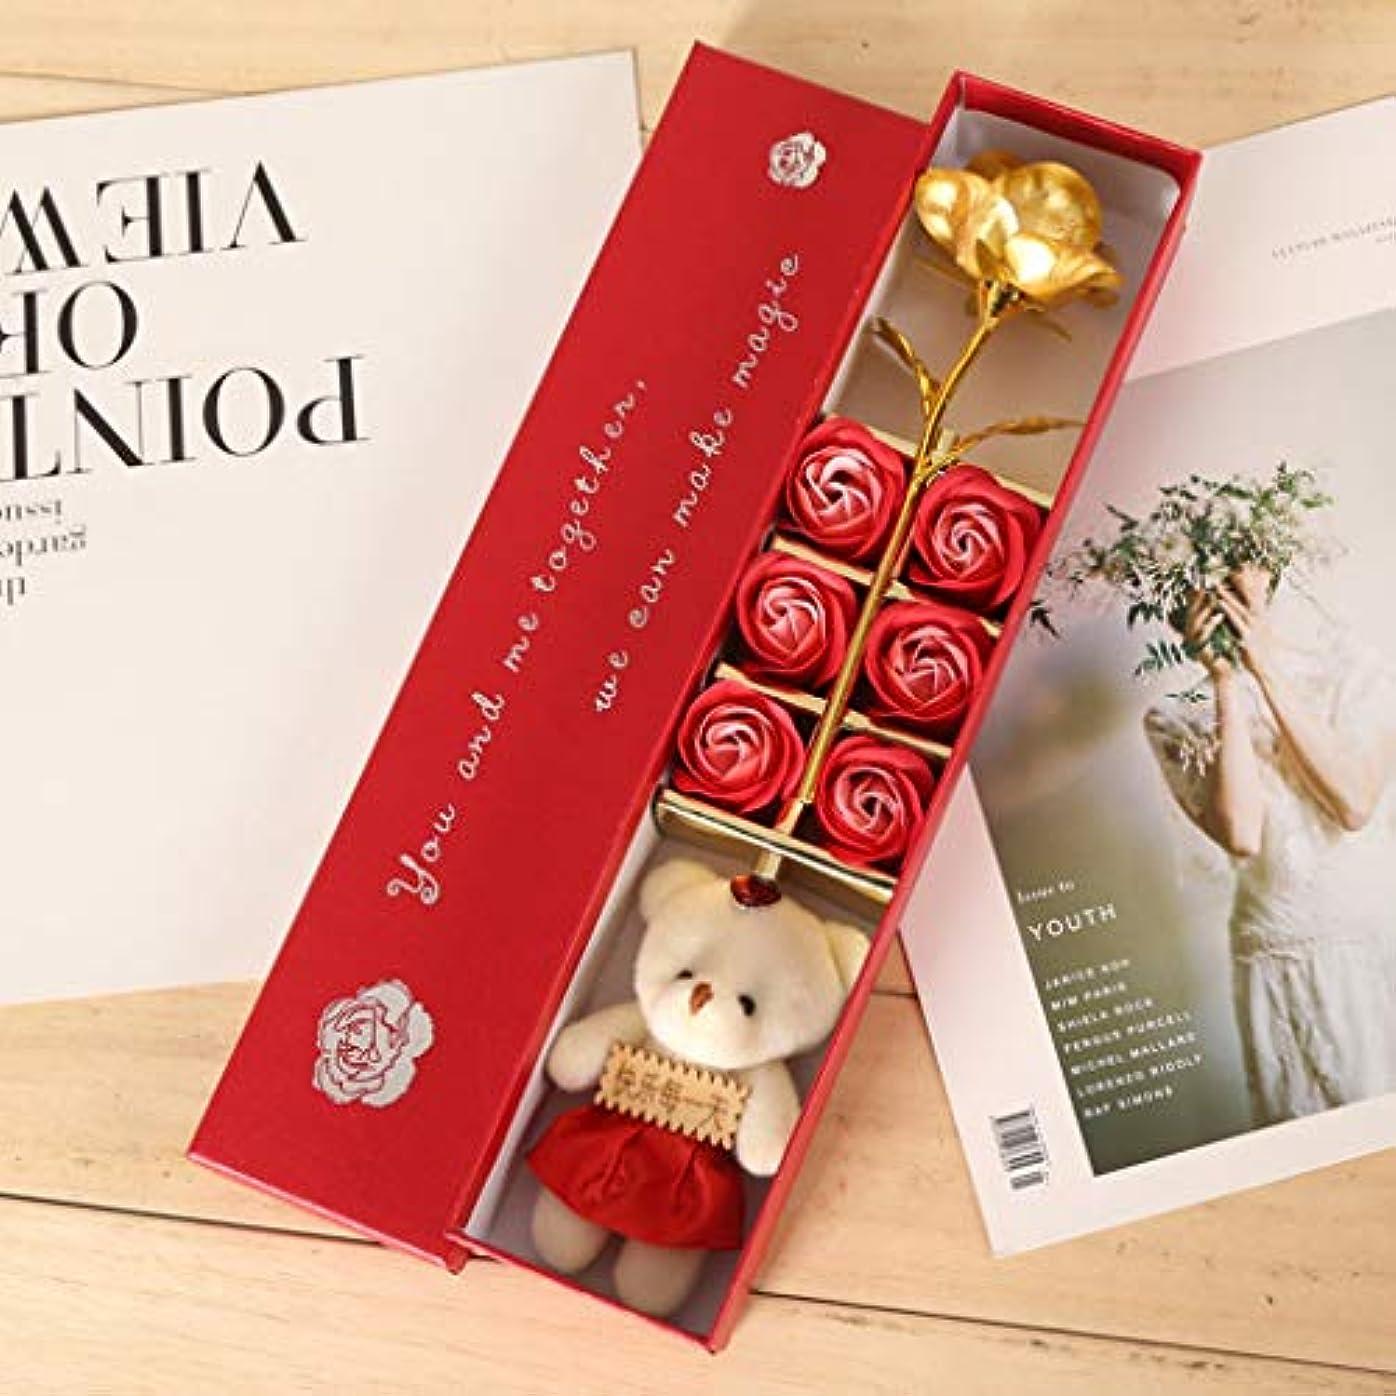 練習したの中で掻く【ゴールデンローズギフトボックス】6石鹸のバラの花/せっけんの花/かわいいバラ/素敵な女の子/ママへのユニークな贈り物/誕生日/母の日/記念日/バレンタインデー/卒業プレゼント/あなたが愛した人のための女性 (レッド)